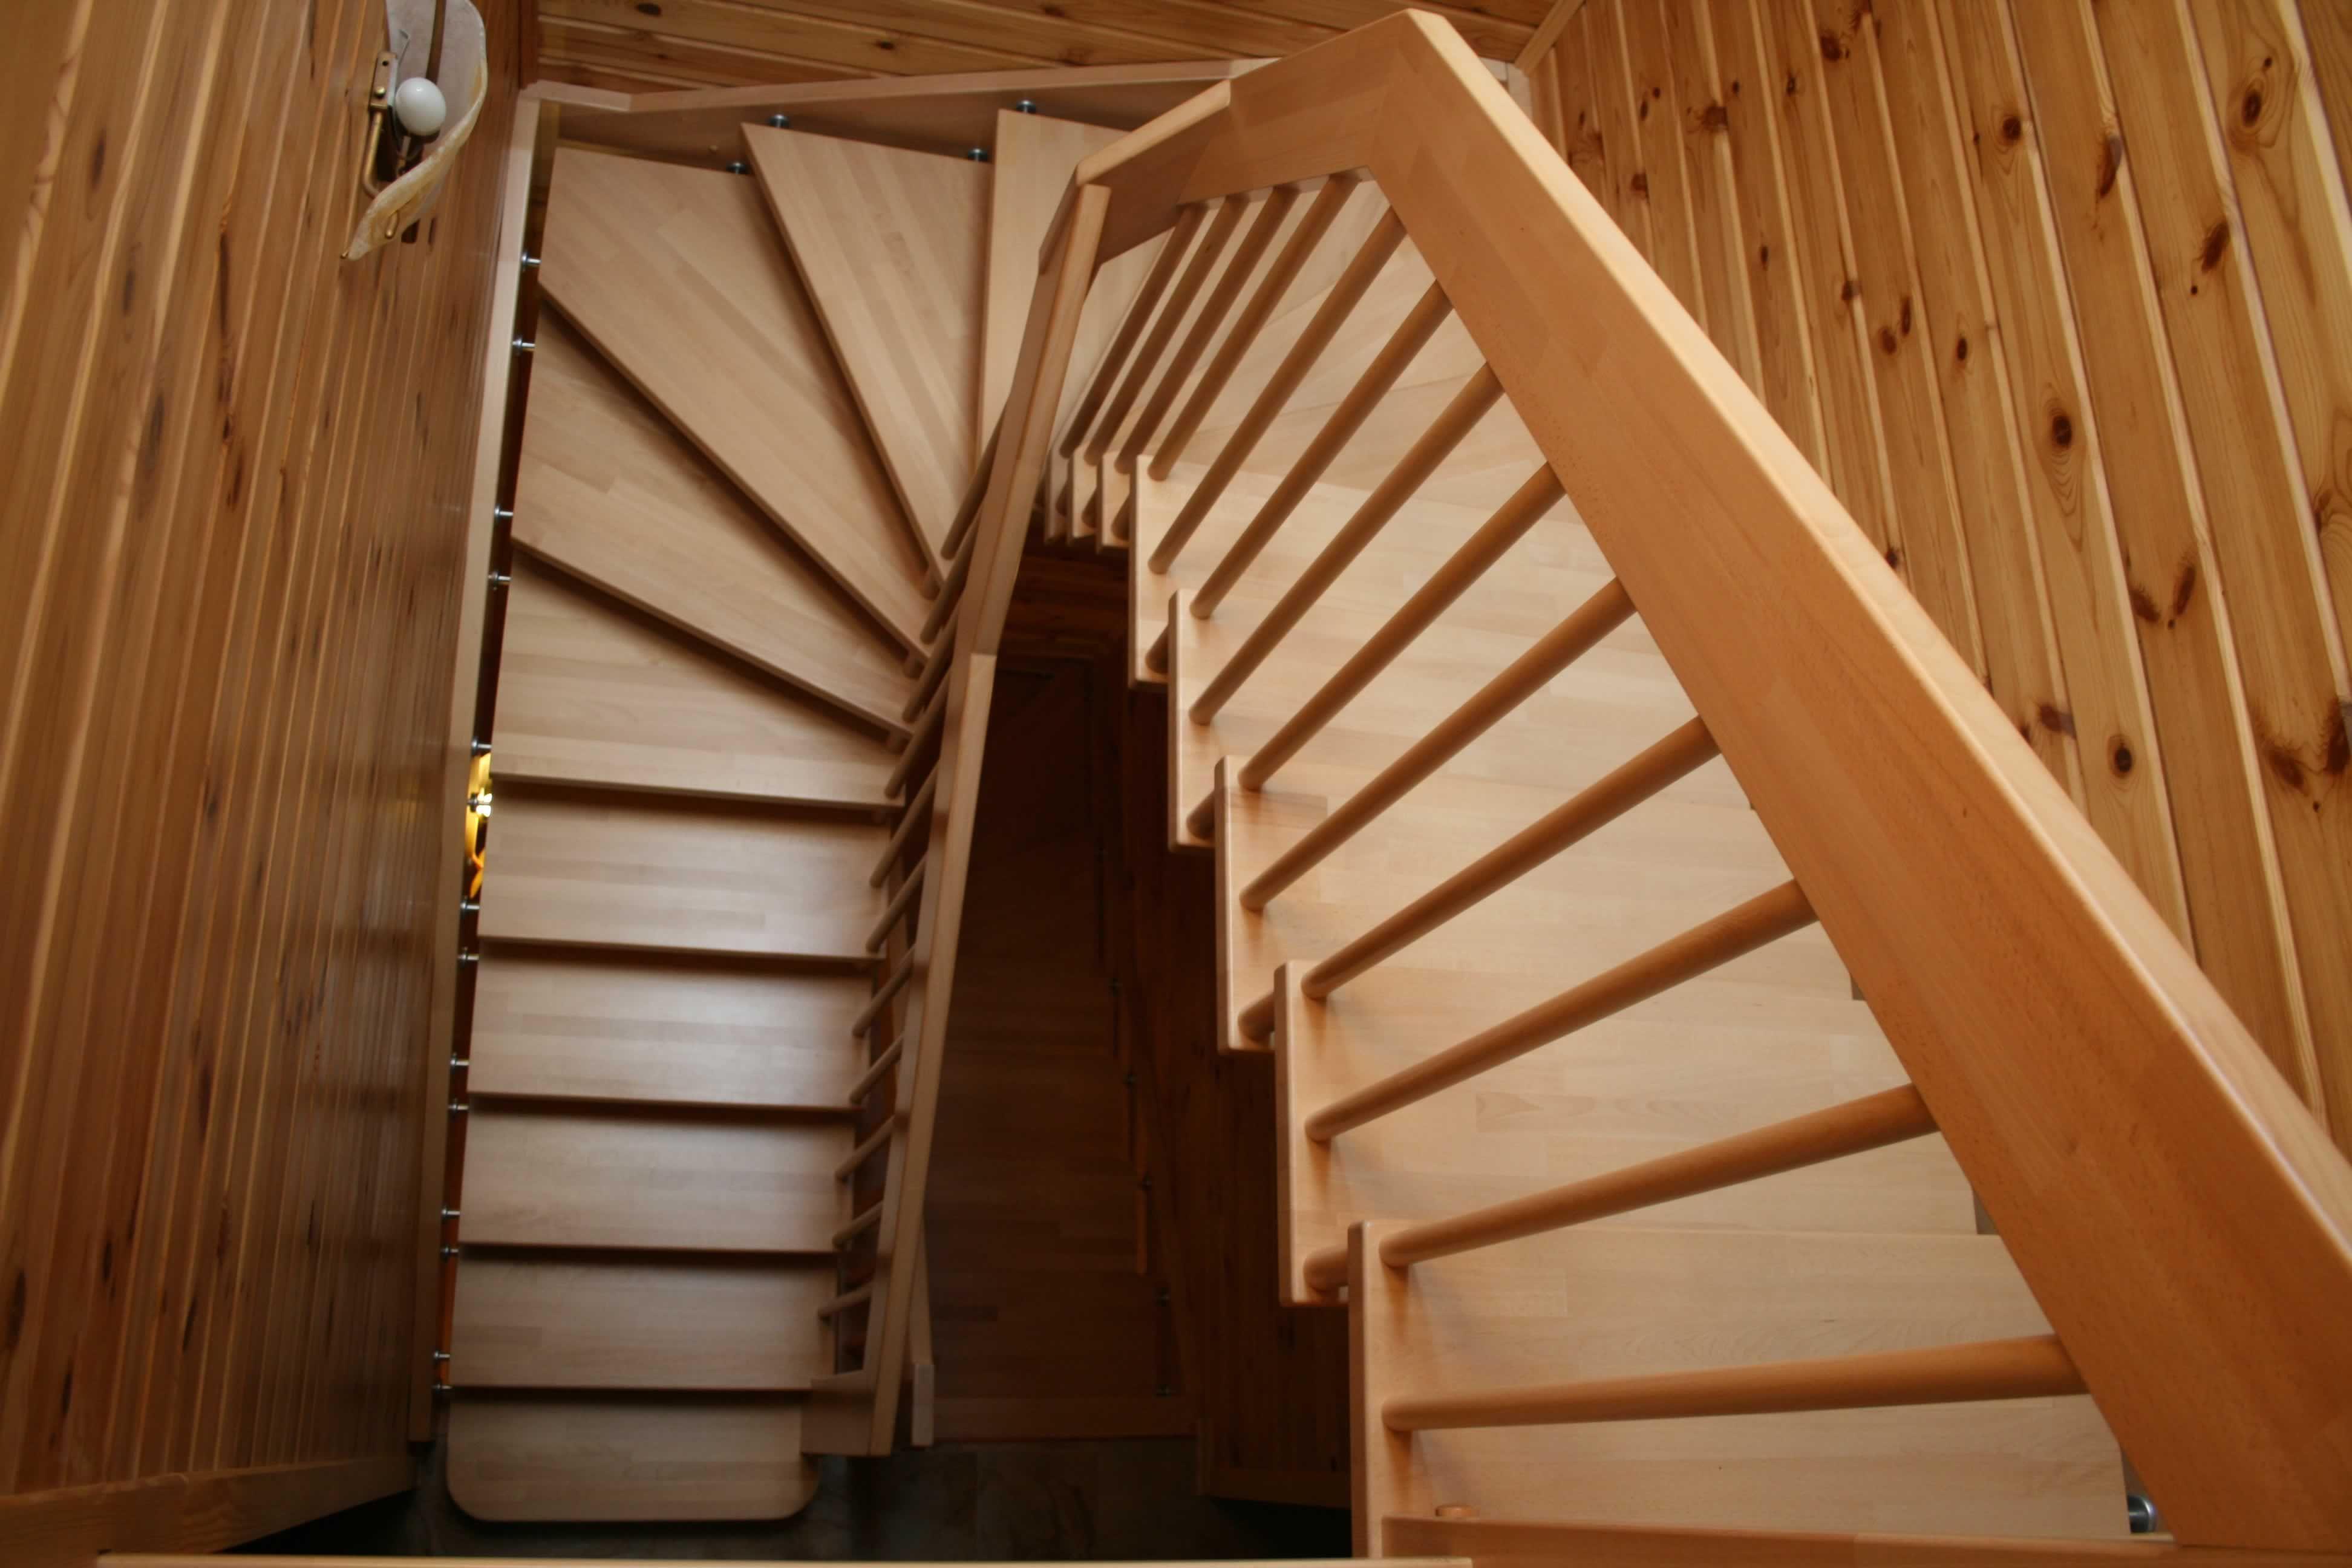 Г-образная лестница, вид сверху